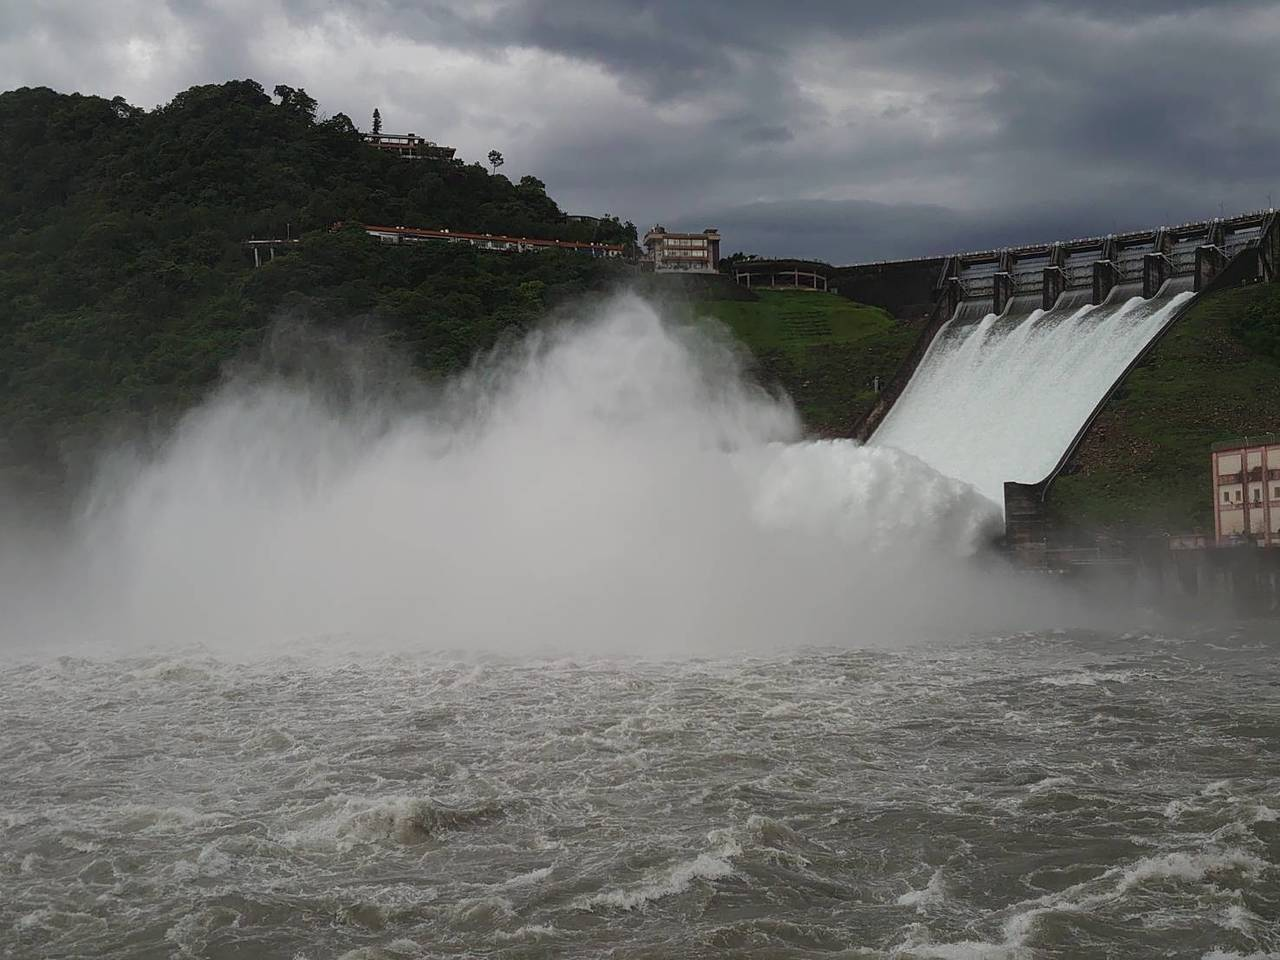 石門水庫排洪大部分的水流入大漢溪,少部分會提供中庄調整池、鳶山堰儲滿水。 圖/北...